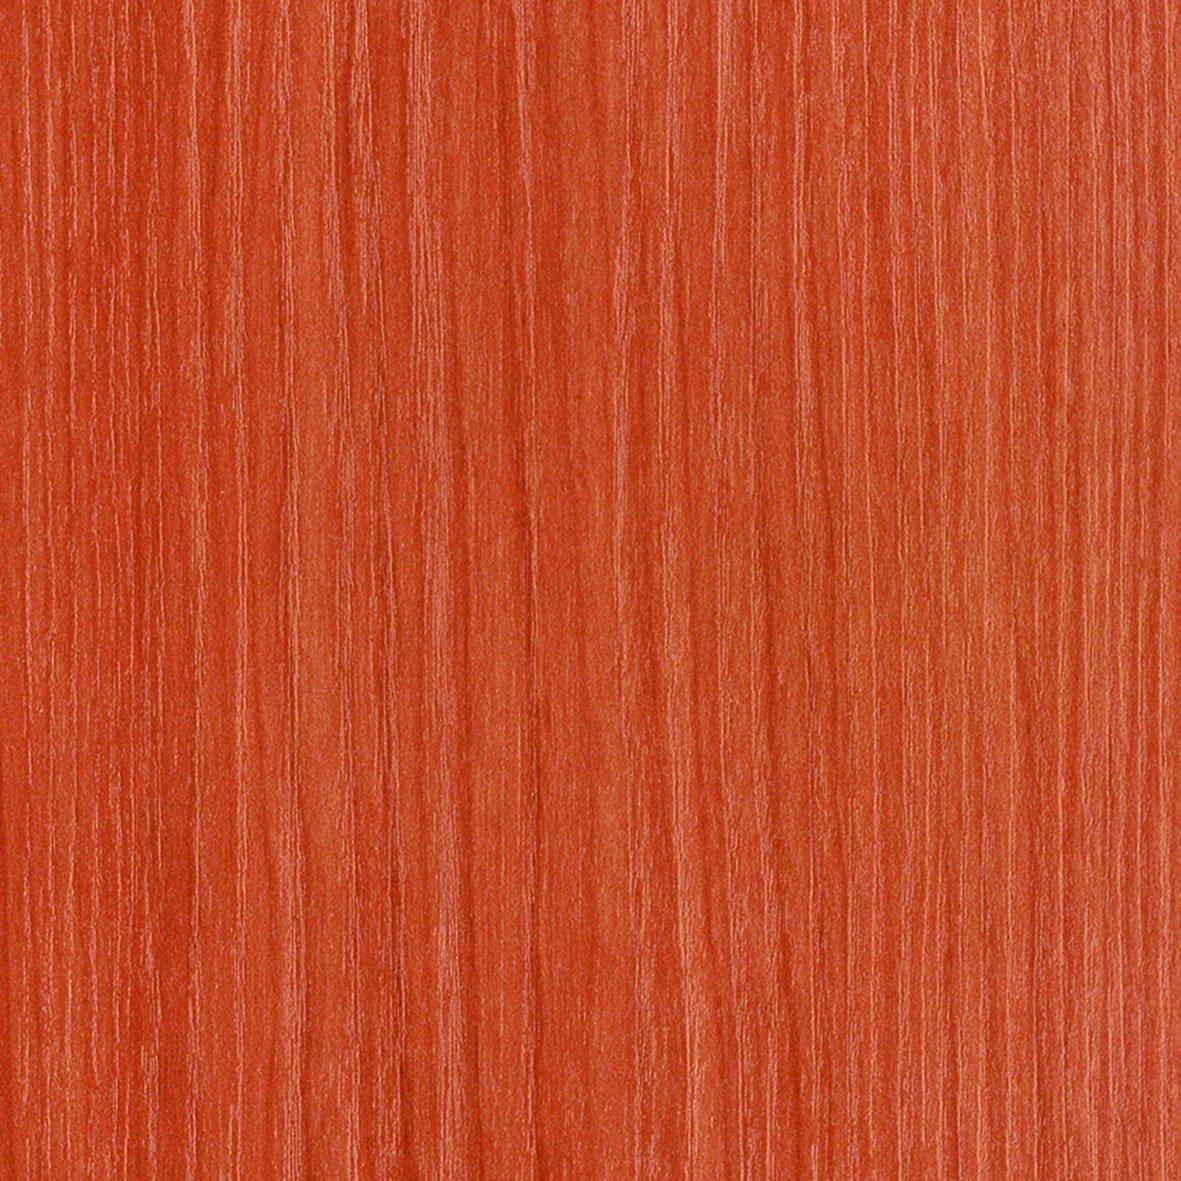 リリカラ 壁紙24m ナチュラル 木目調 ブラウン LL-8797 B01N021C7V 24m|ブラウン